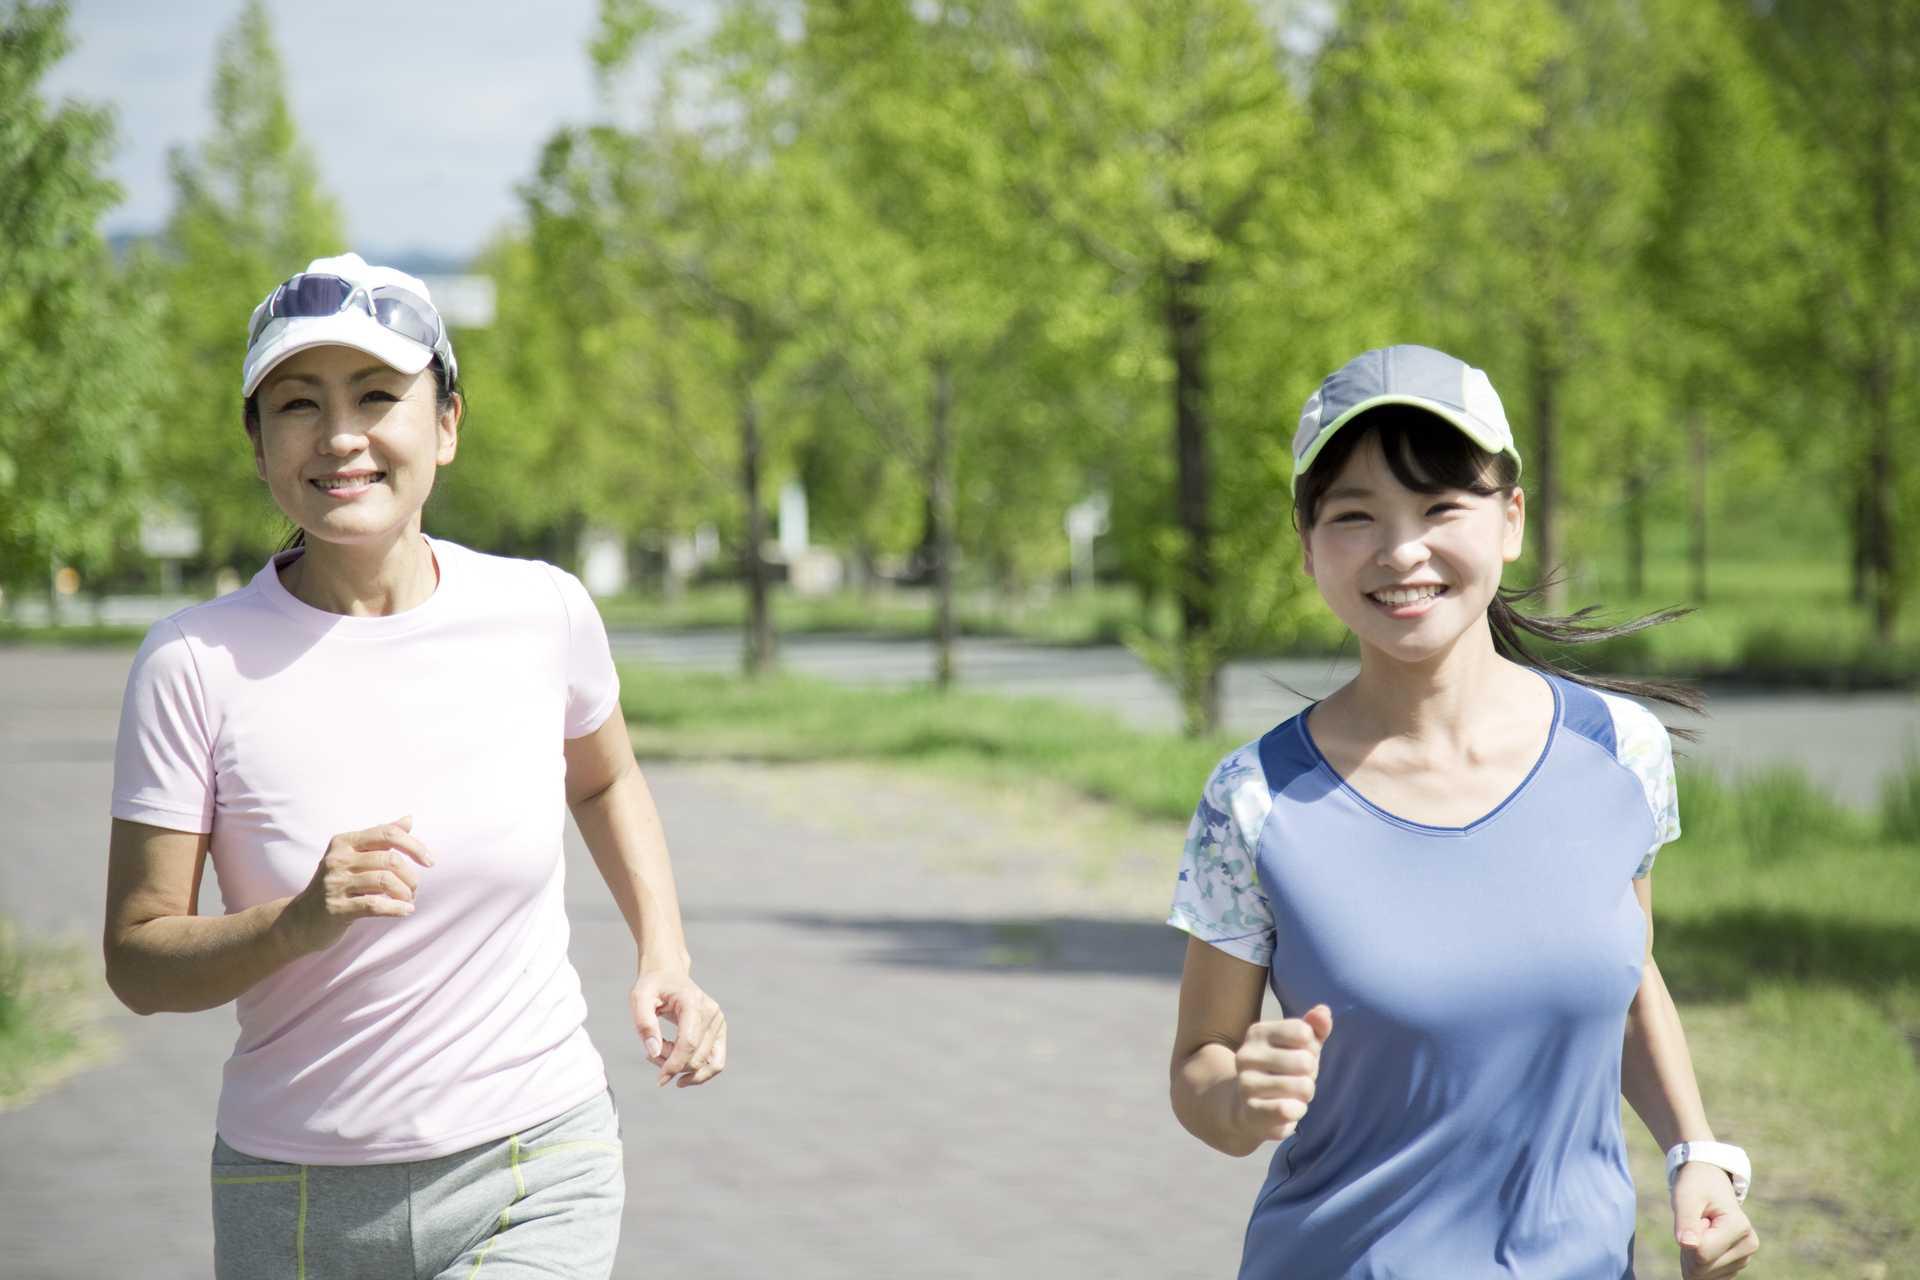 直線コースだけでは面白くない。くねくねした道を歩こう。 | 脳を刺激する30の歩き方